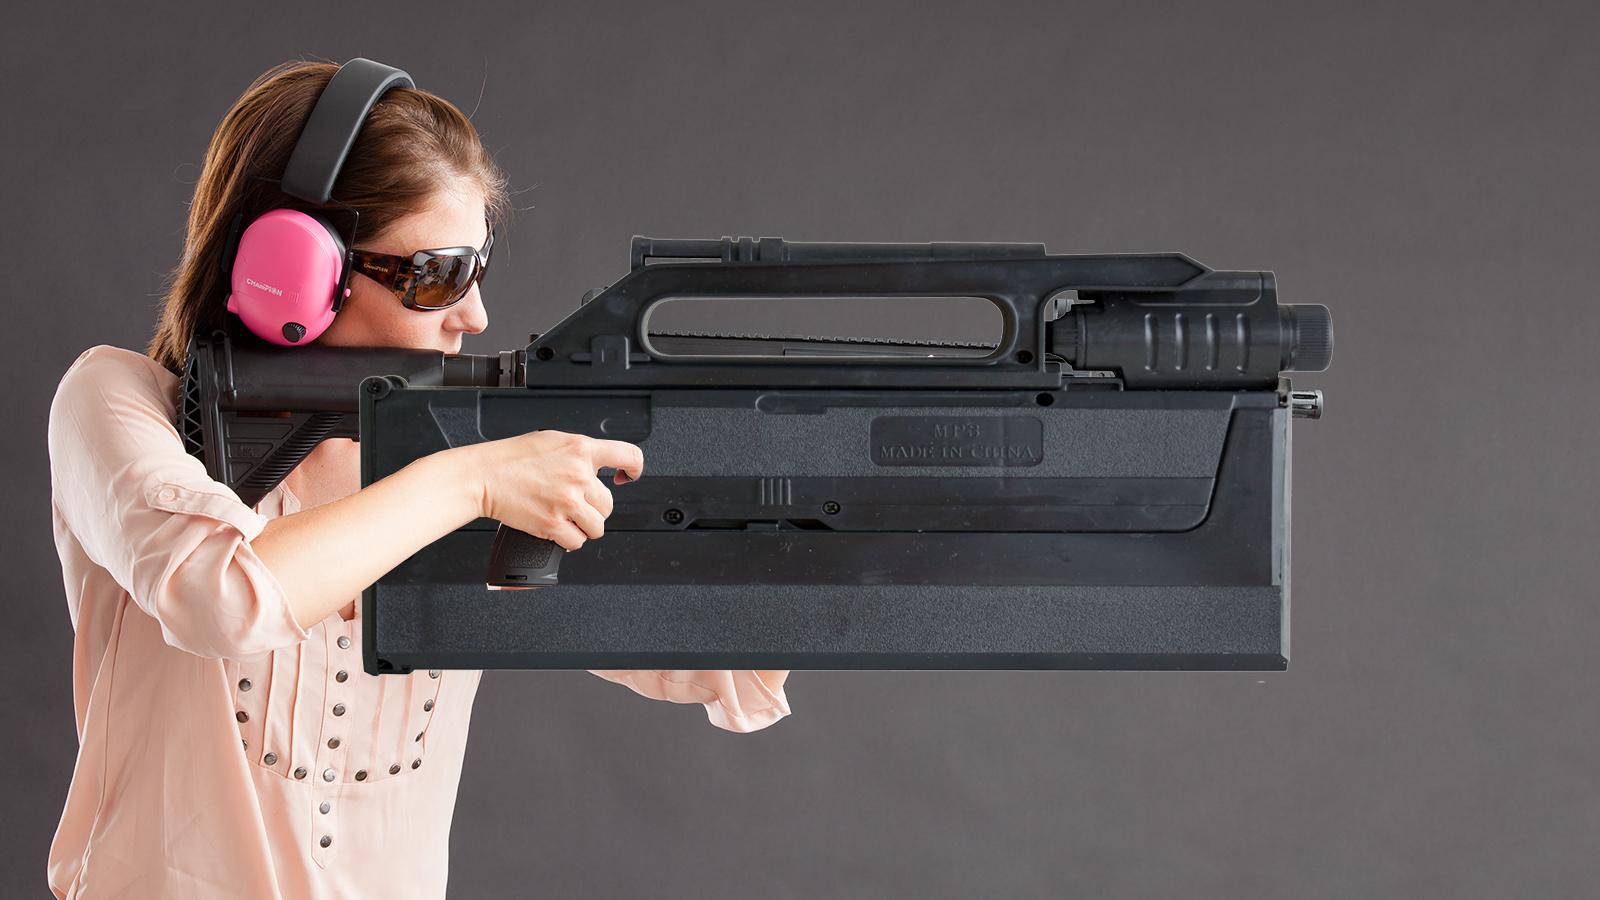 【讲堂548期】外观像手提包,专门为特工间谍而研制,解密美军FMG-9折叠冲锋枪